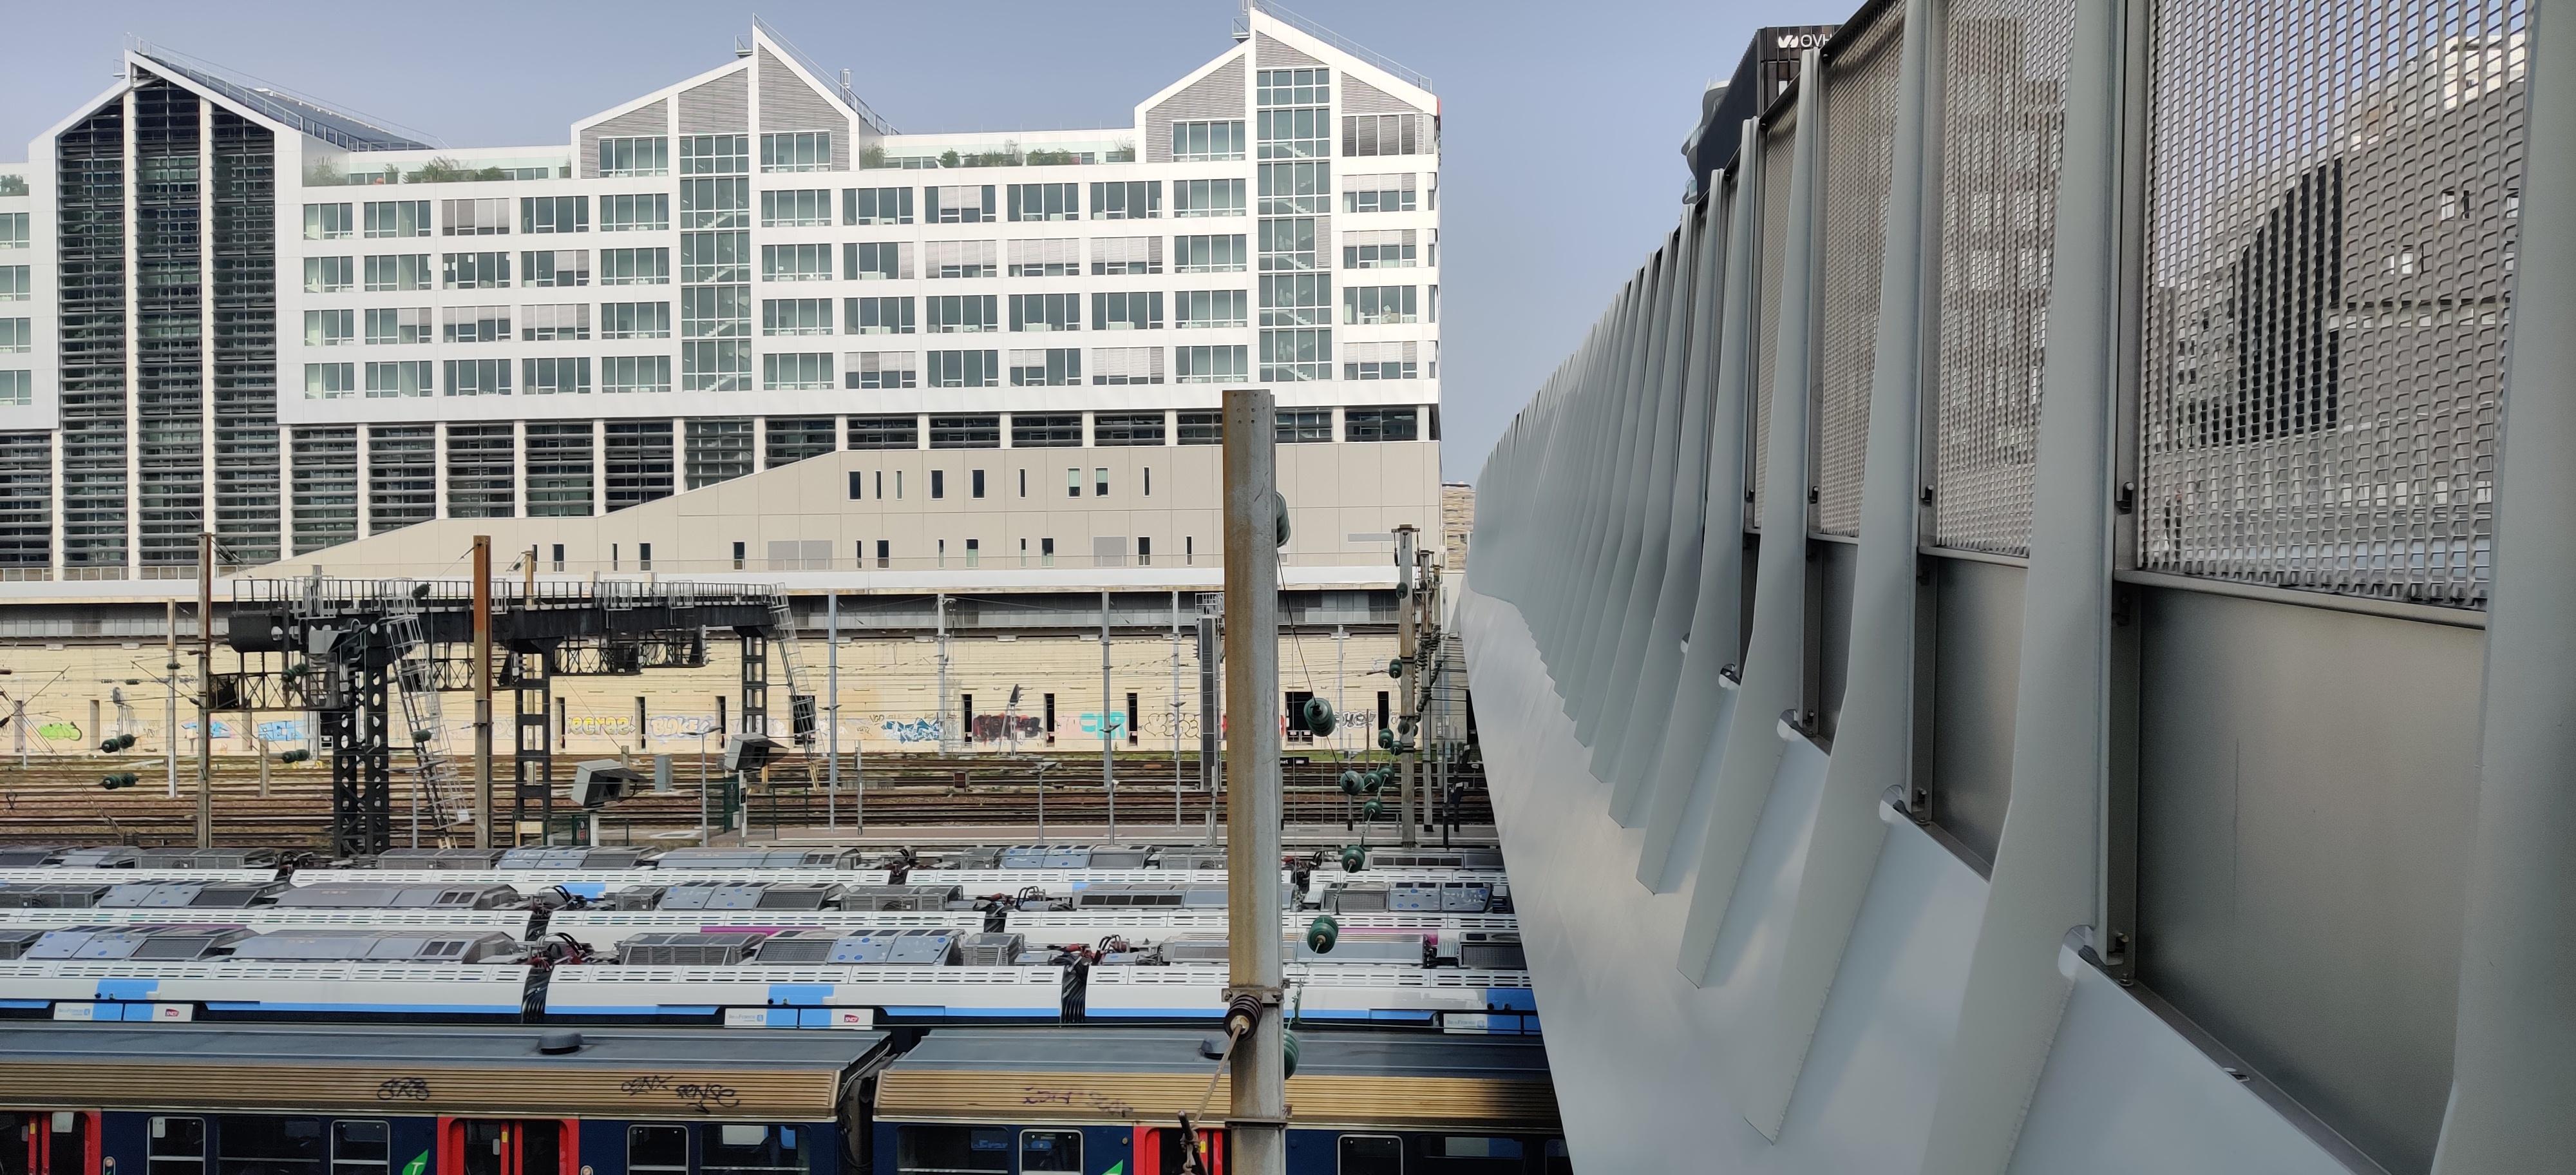 chemin de fer pont cardinet sanit lazare, pont en fer, sncf trains, ecoquartier clichy batignolles, grand immeuble blanc, architecture contemporaine